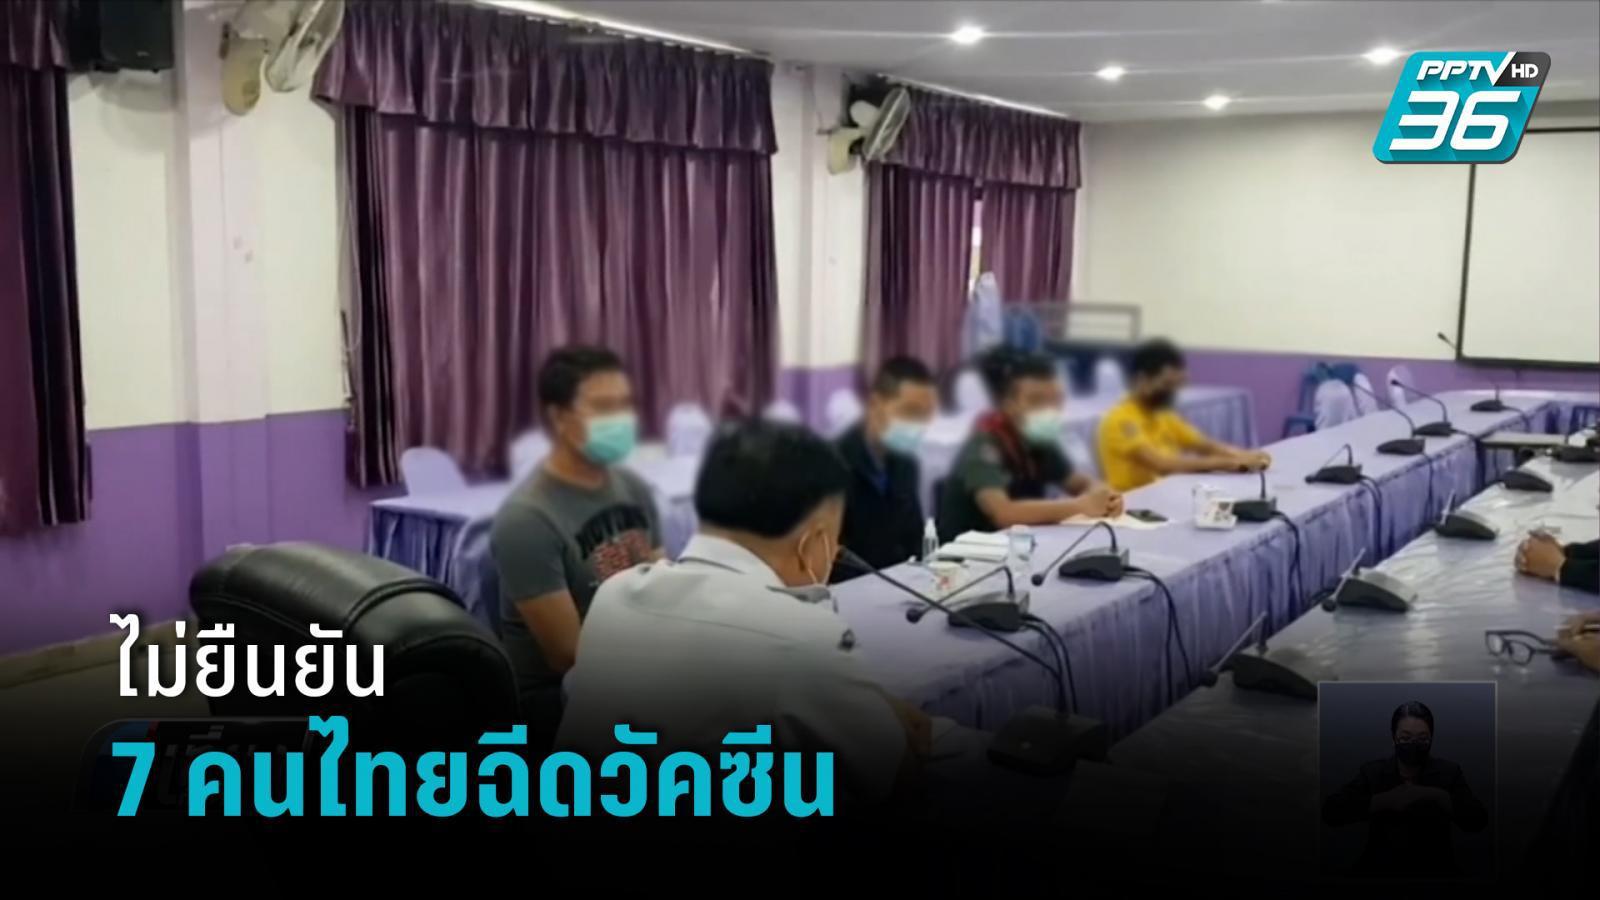 ผู้ว่าฯอุบล ไม่ยืนยัน 7 คนไทยฉีดวัคซีนแล้ว